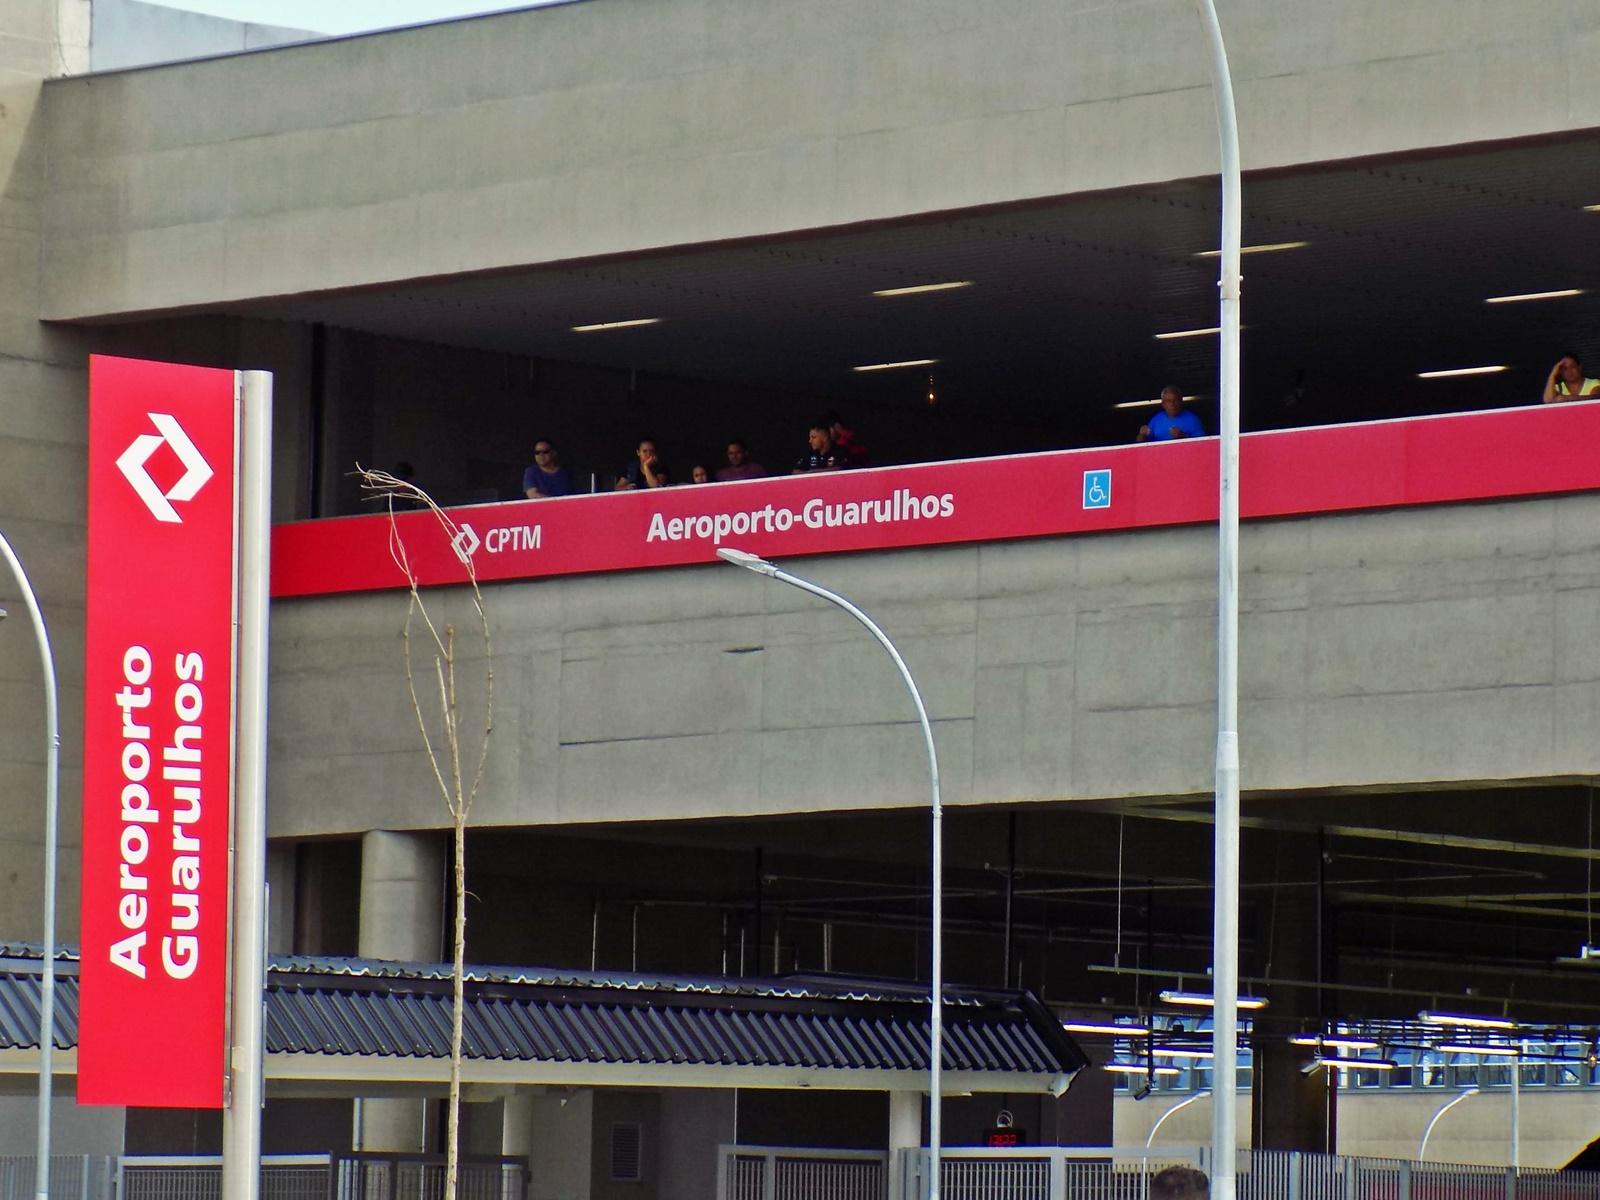 Estação Aeroporto Guarulhos